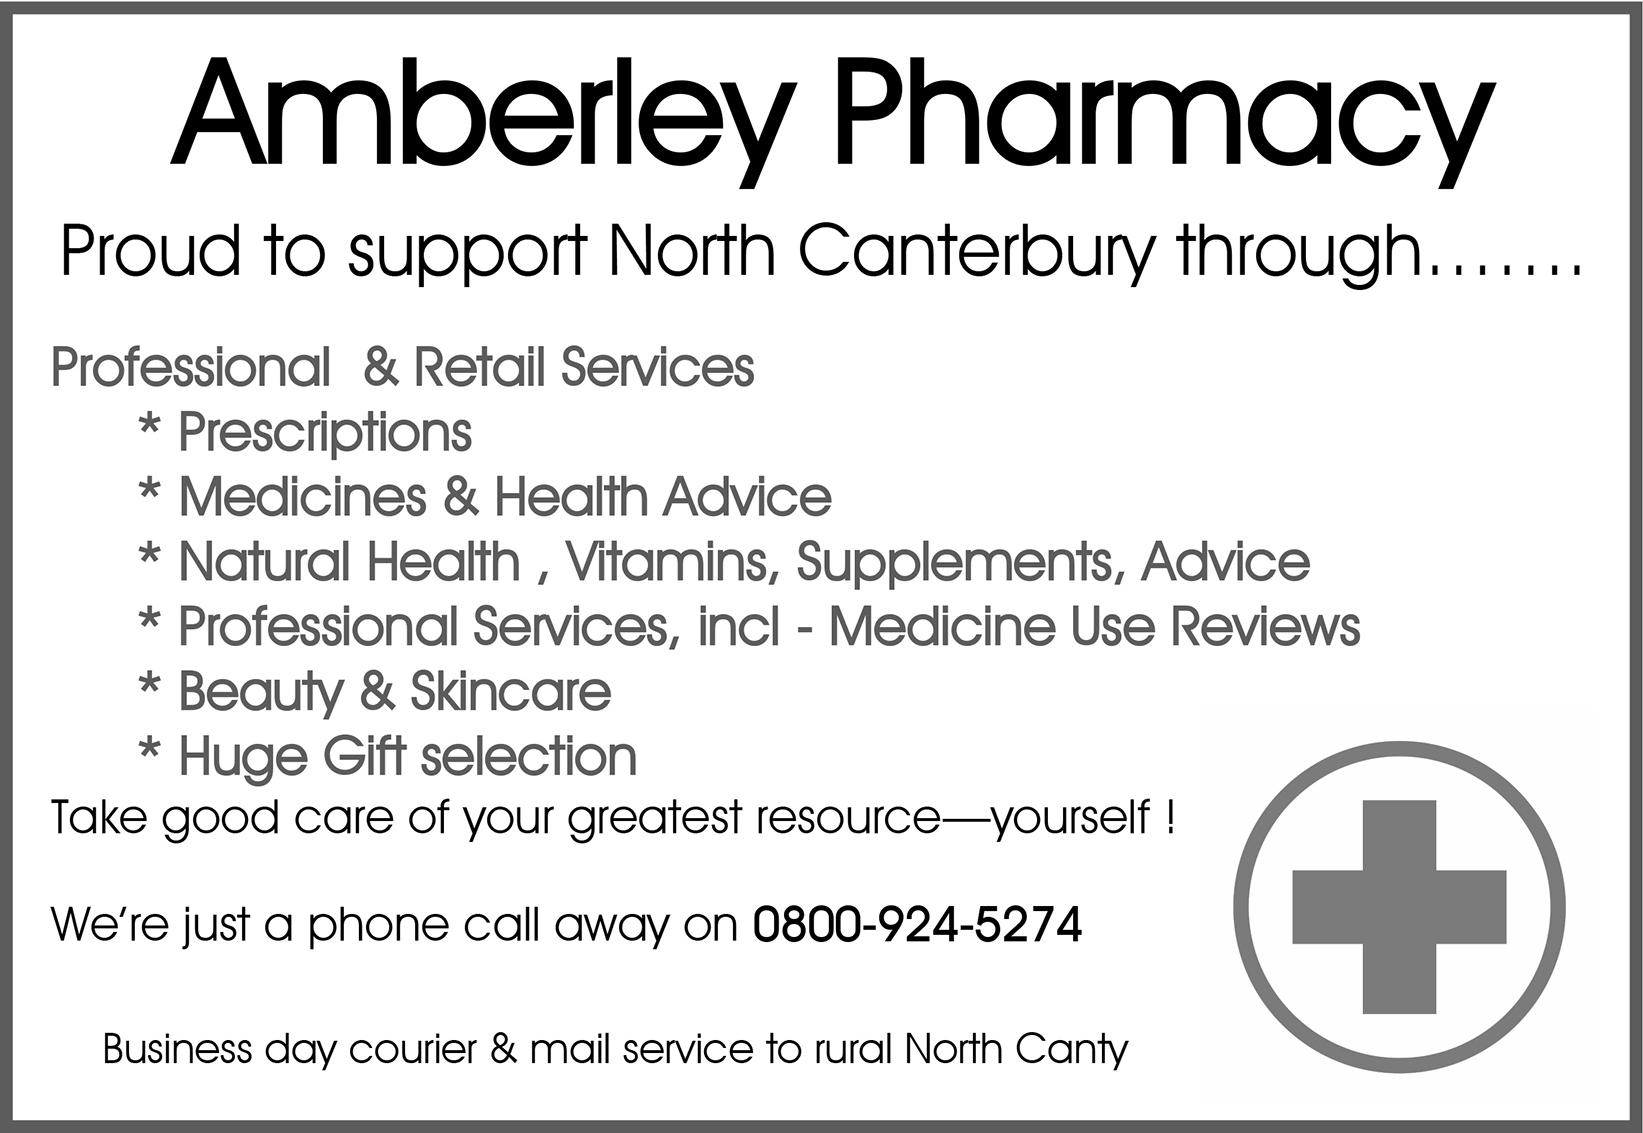 AmberleyPharmacy